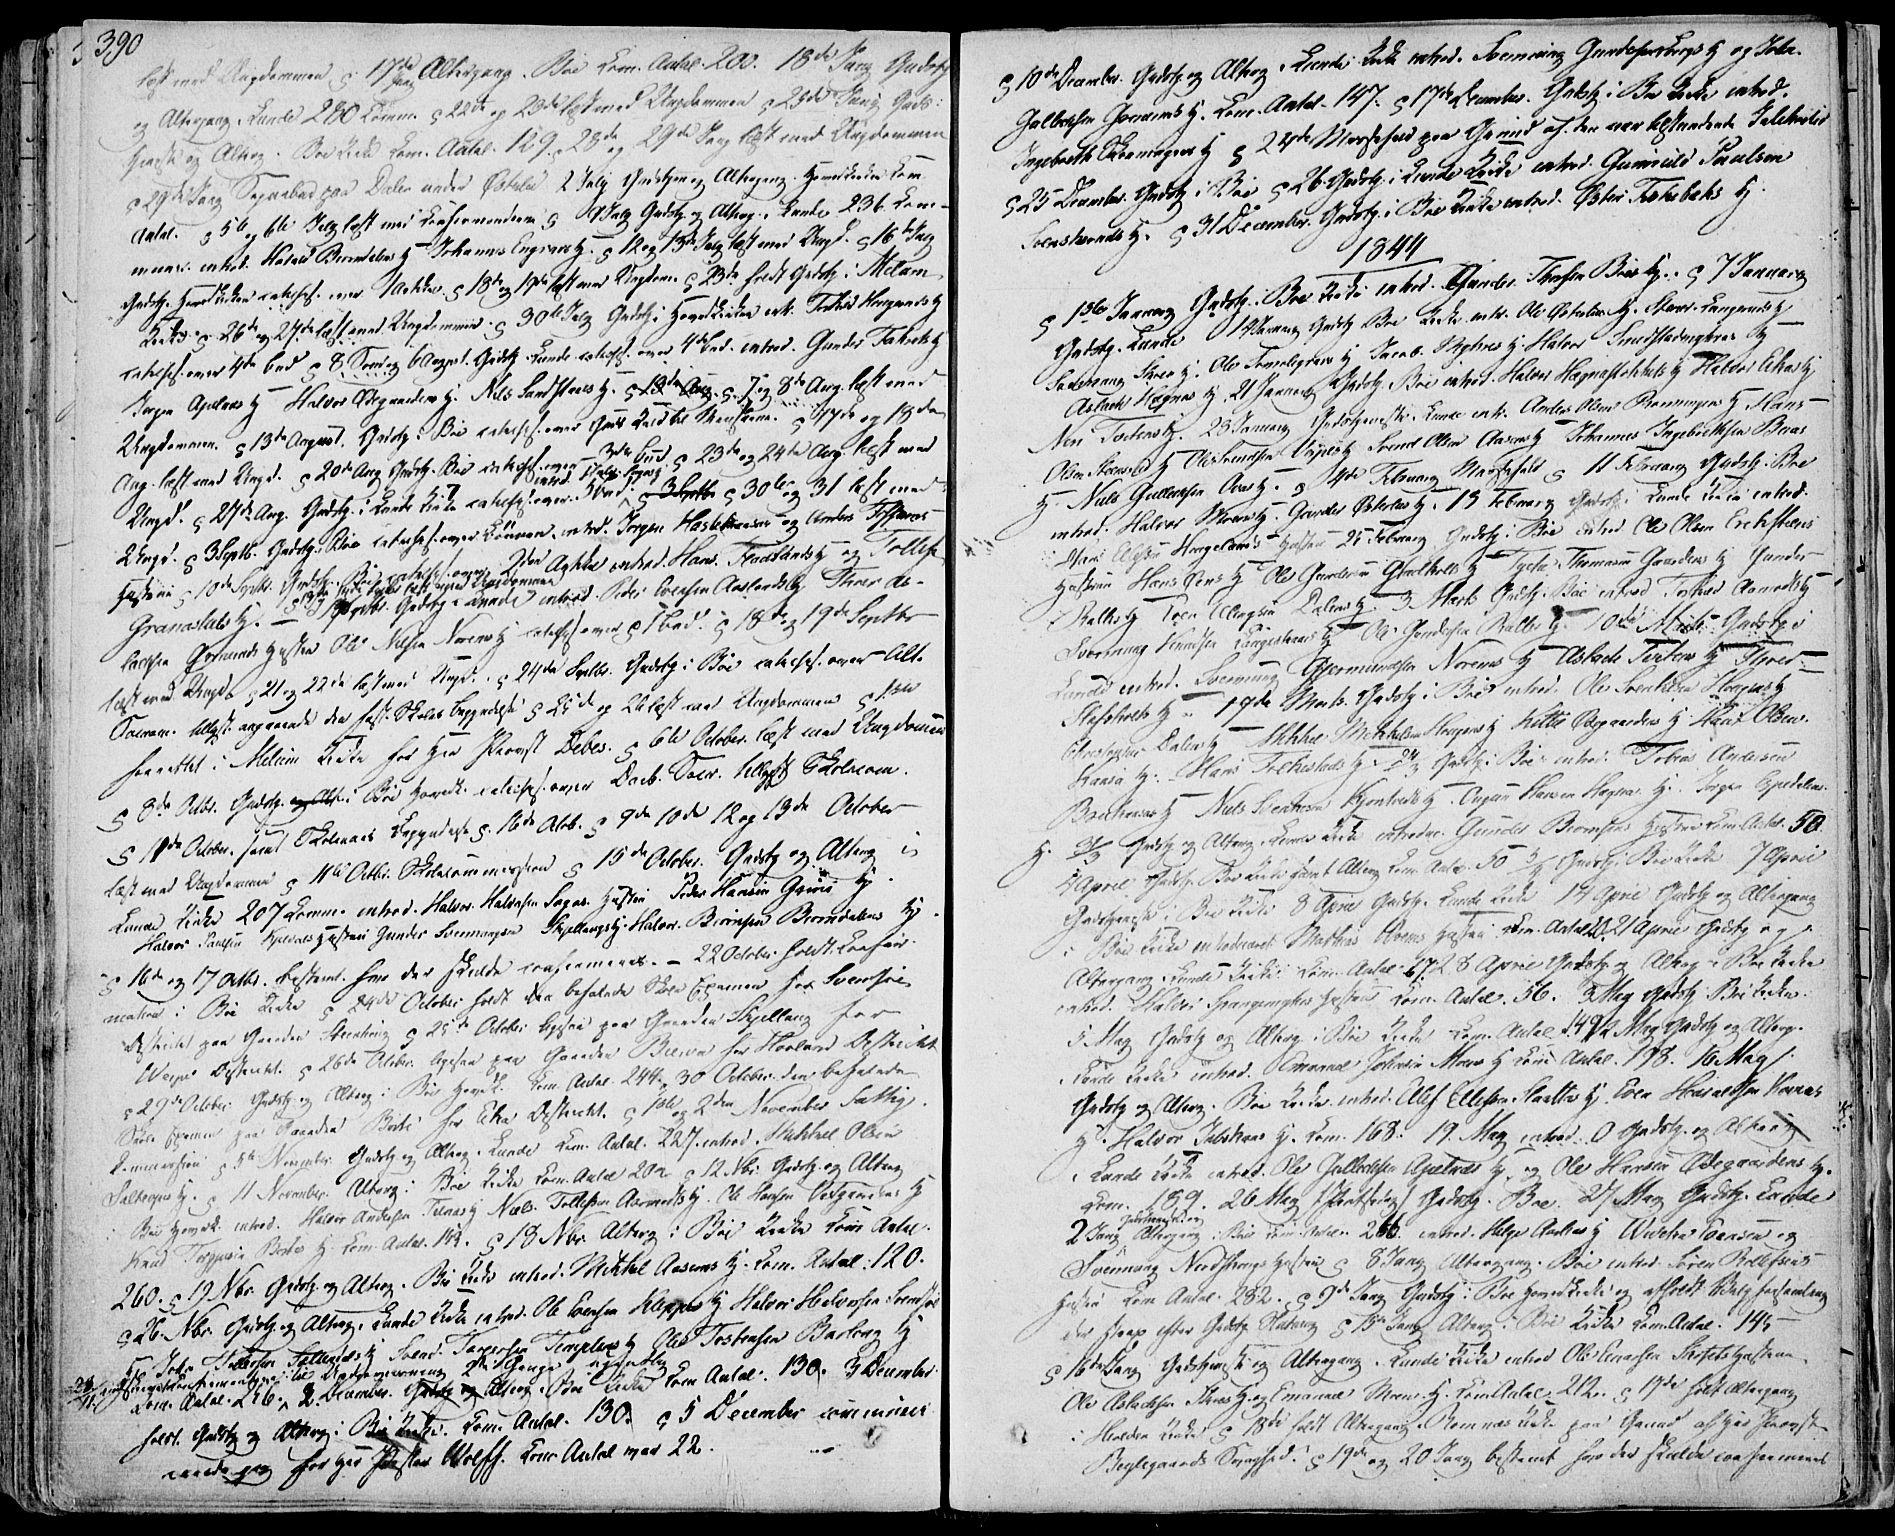 SAKO, Bø kirkebøker, F/Fa/L0007: Ministerialbok nr. 7, 1831-1848, s. 390